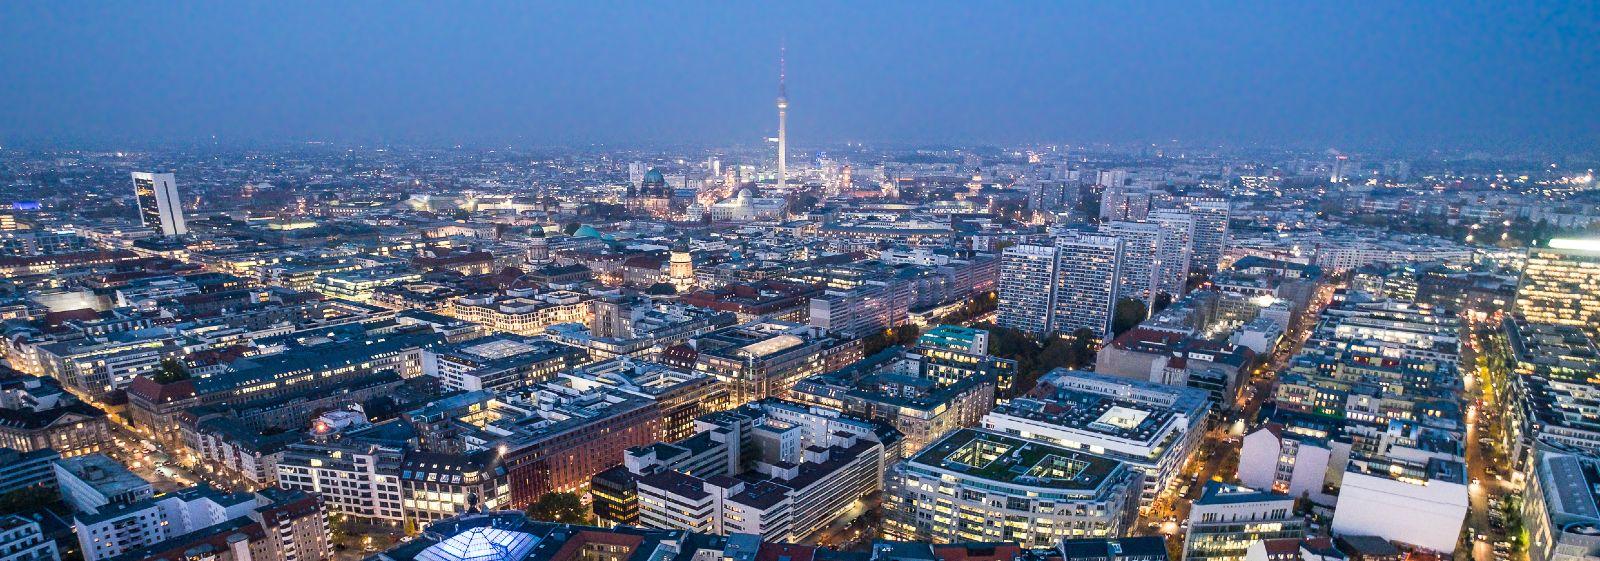 Im Frühsommer trafen sich auf den Berliner Energietagen wieder Deutschlands Energiewende-Expertinnen, diesmal in digitalen Veranstaltungsformaten.